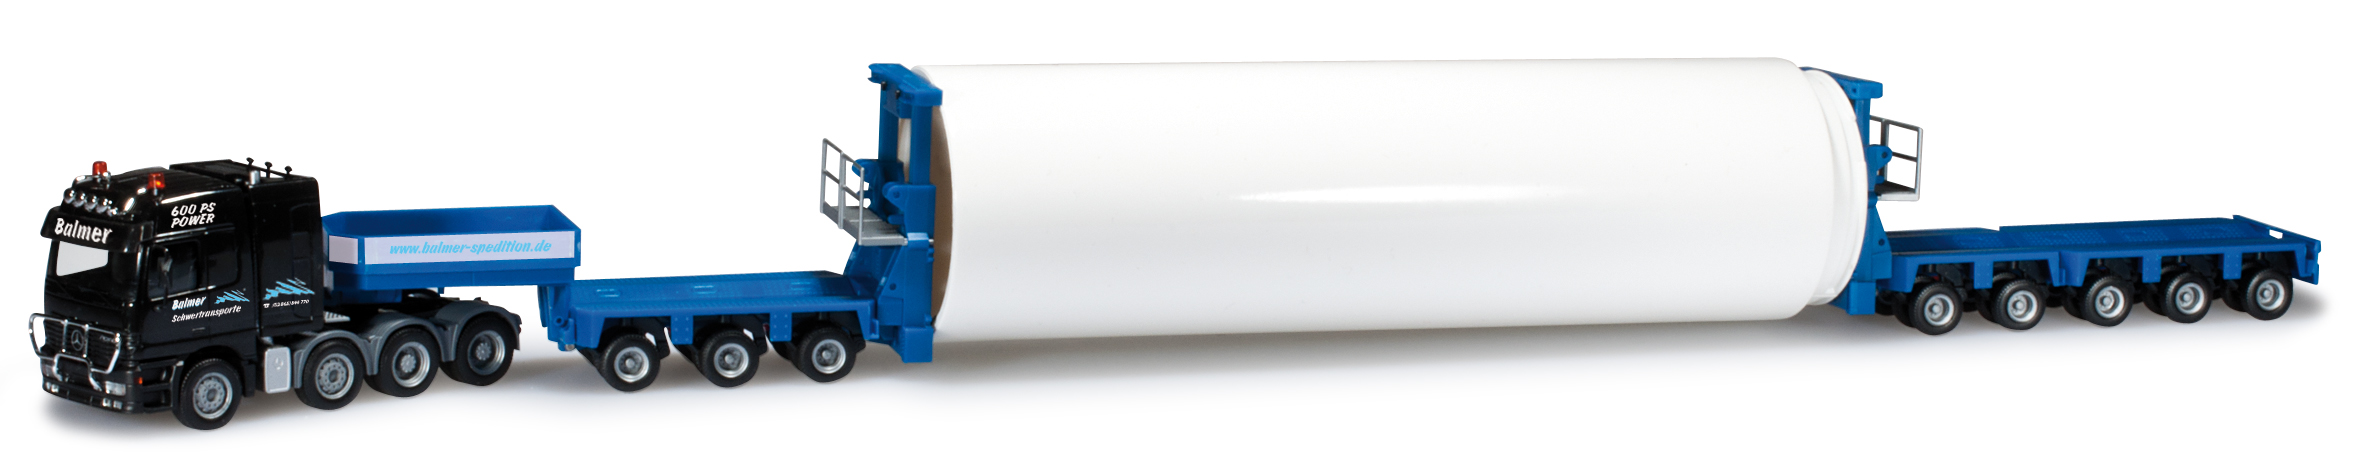 herpa-302067-1-set-mit-drei-mercedes-benz-goldhofer-sattelzuegen-mit-turmteilen-unterteil